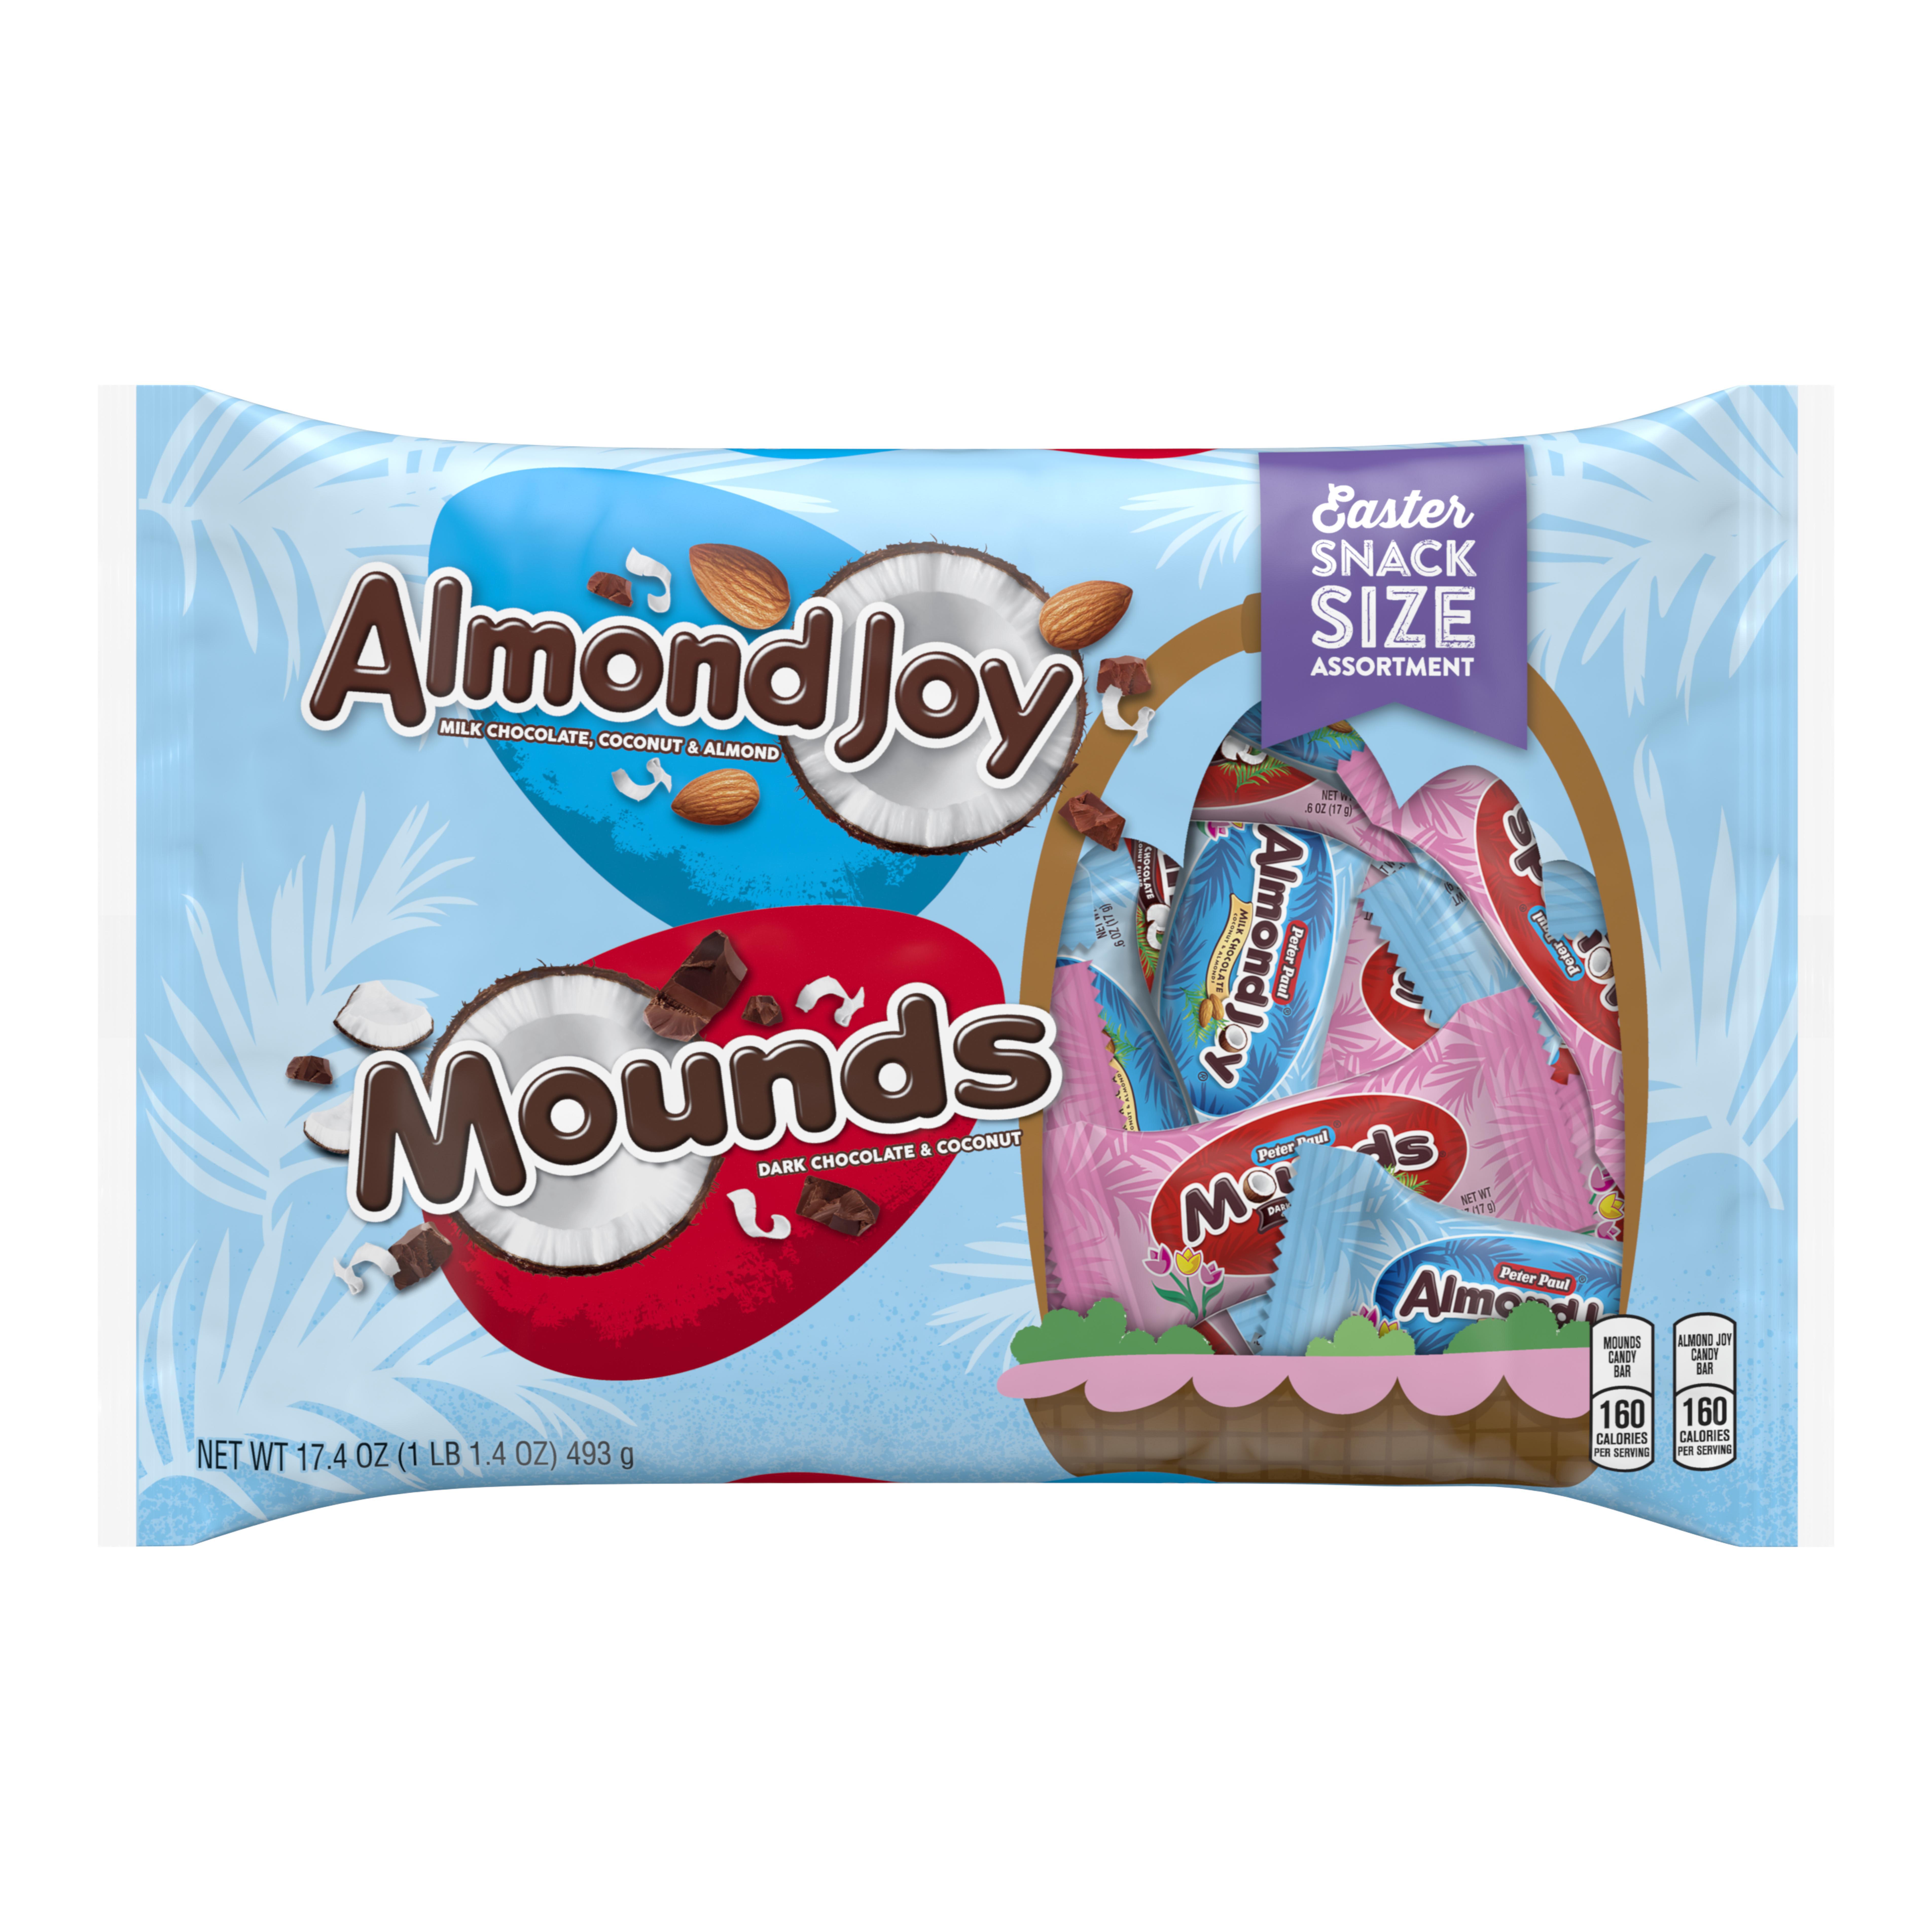 Mounds & Almond Joy, Chocolate Candy Snack Size, 17.4 Oz